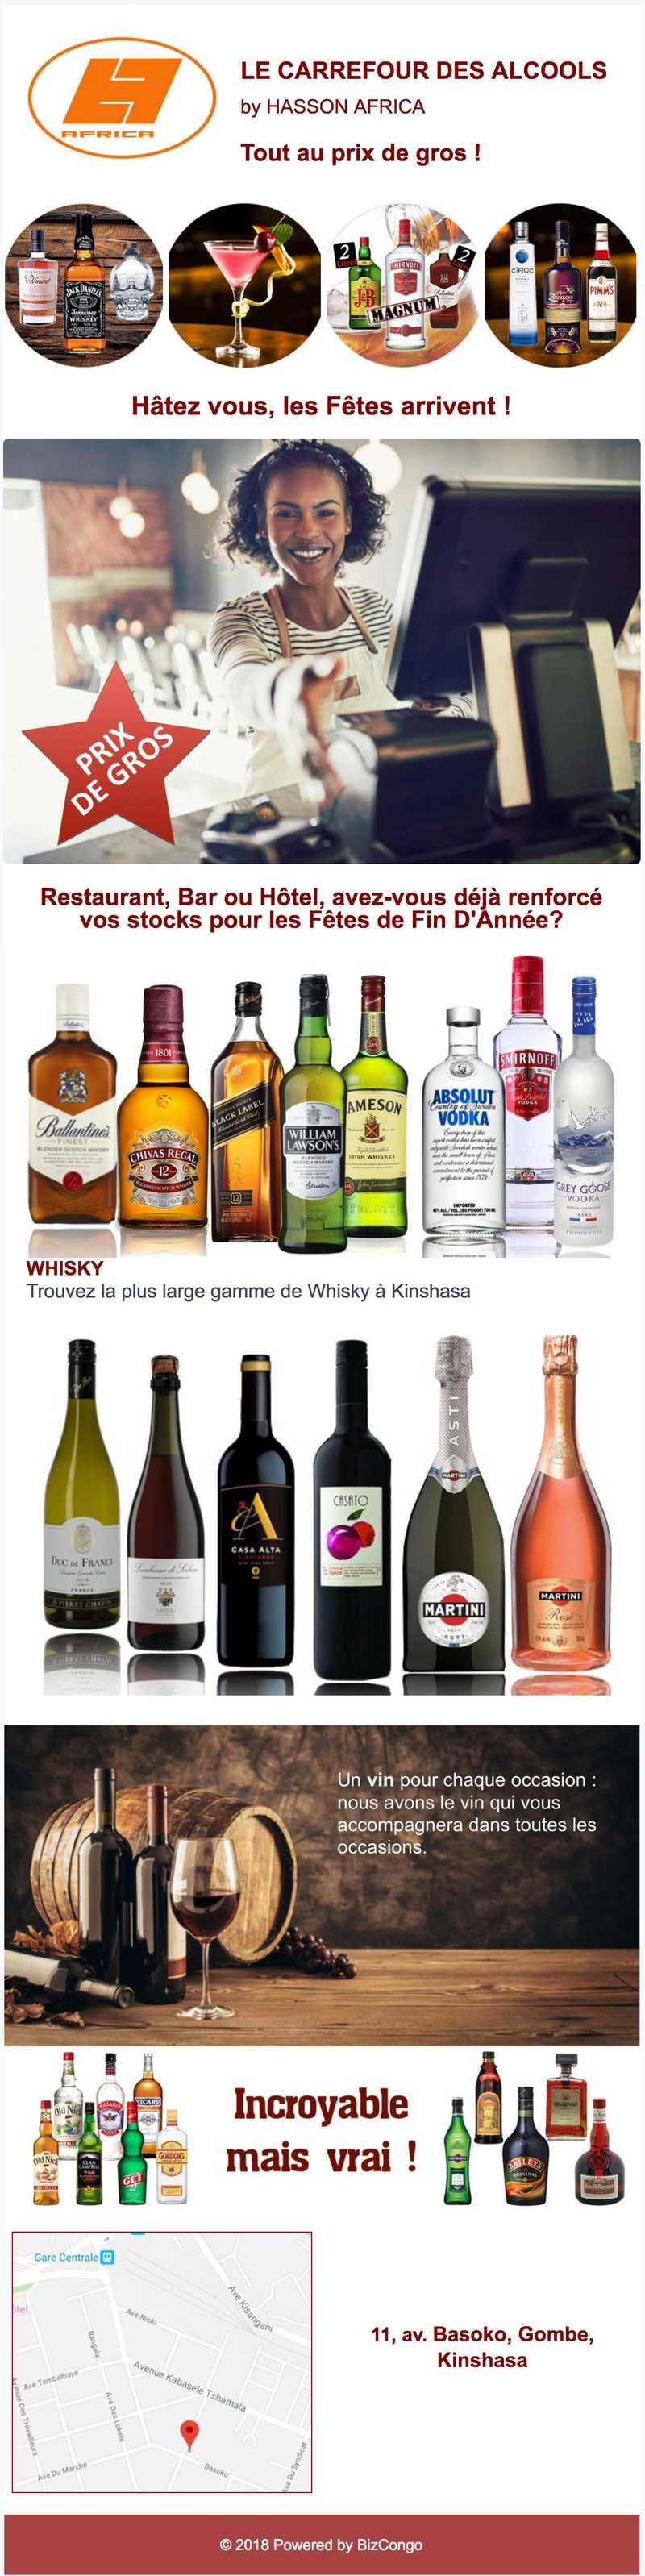 LE CARREFOUR DES ALCOOLS